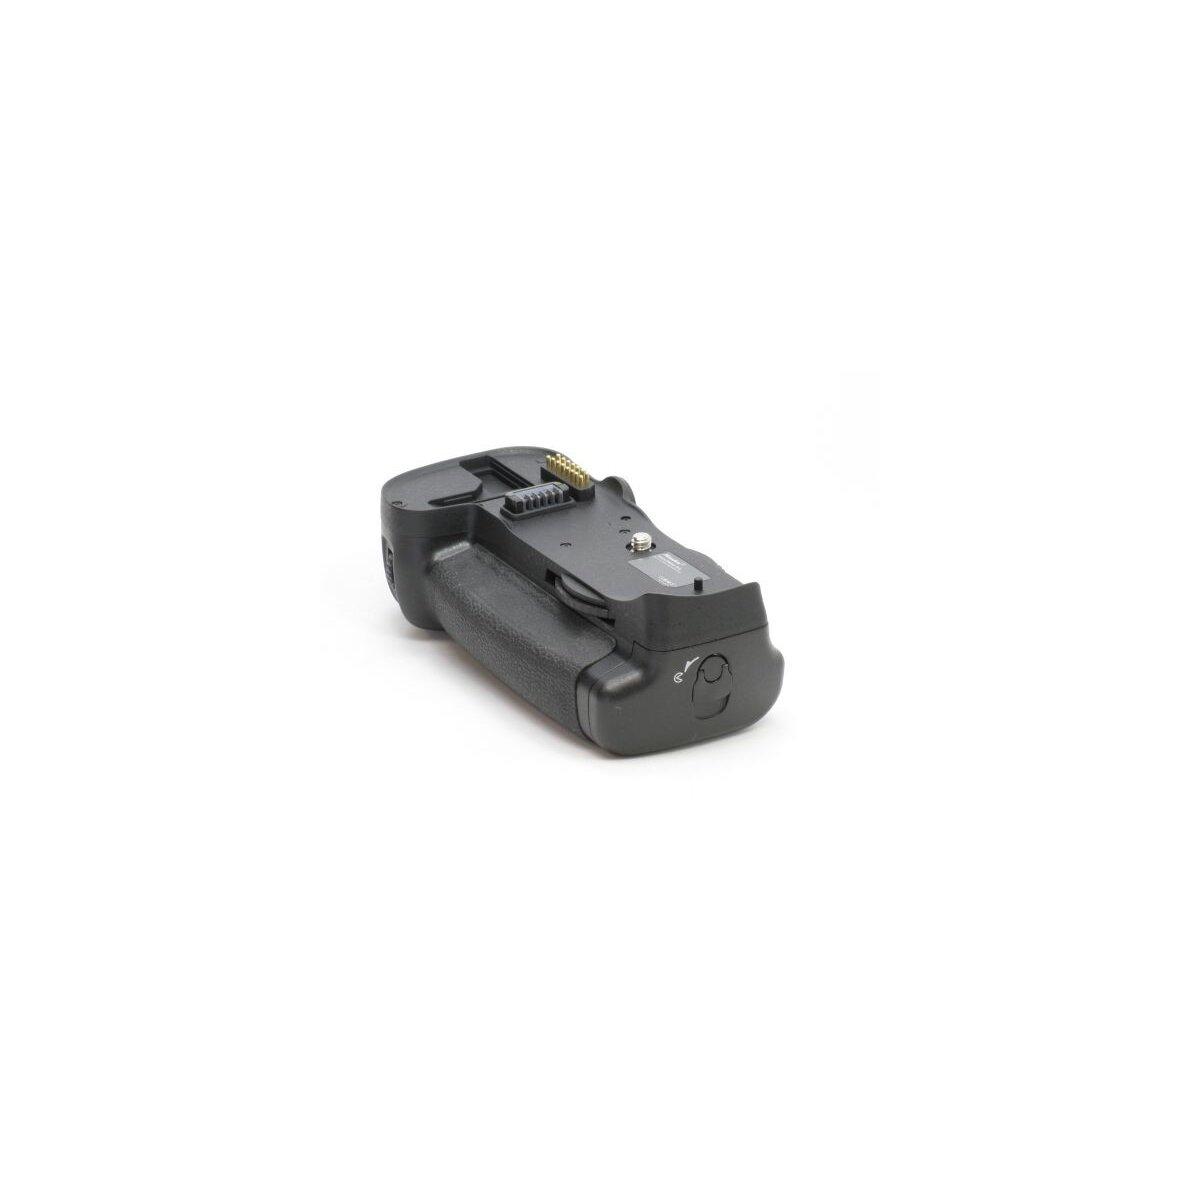 Minadax Profi Batteriegriff kompatibel mit Nikon D300, D300s, D700 - Ersatz für MB-D10  2x EN-EL3e oder 8 AA Batterien